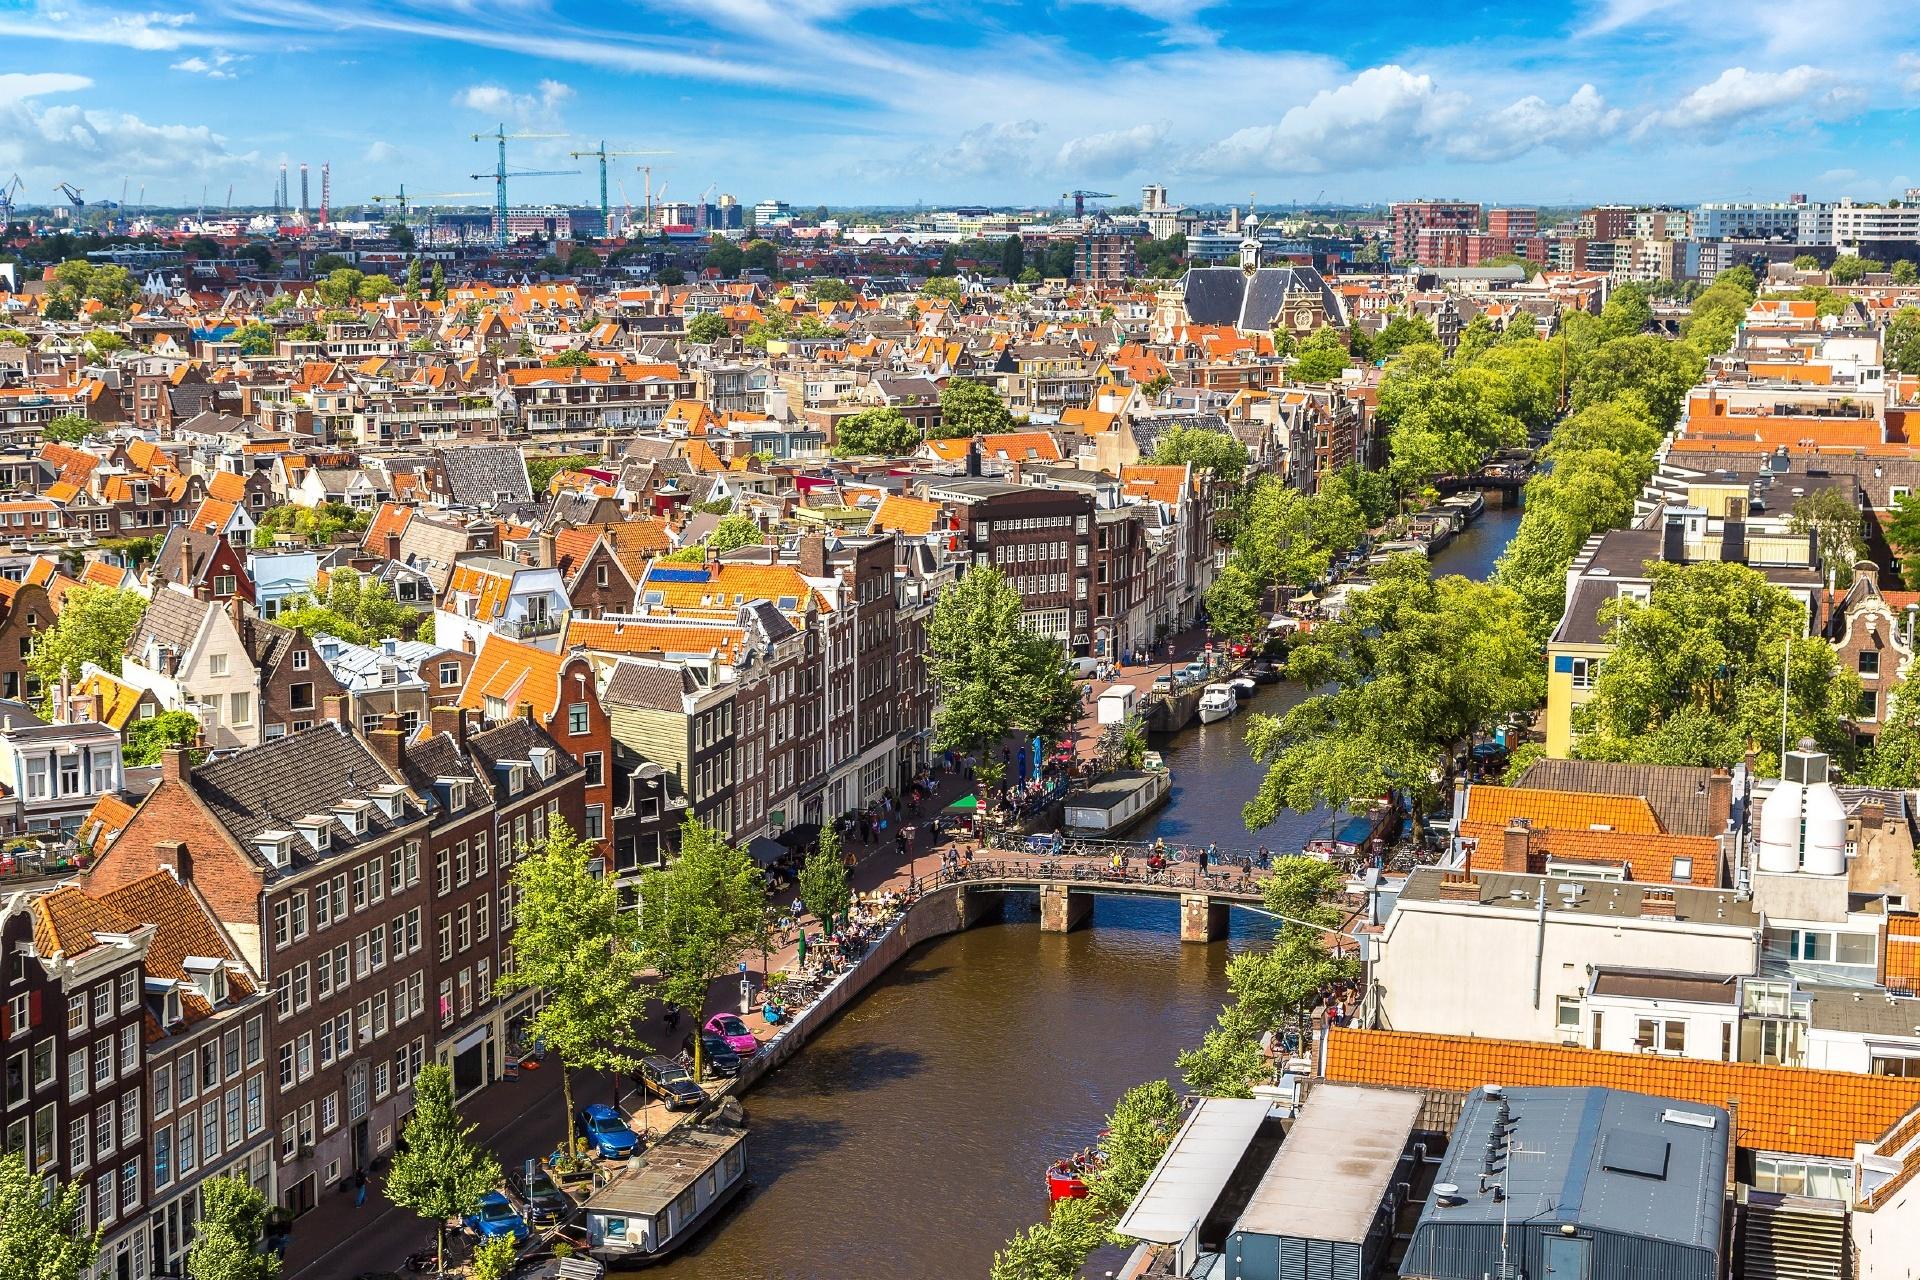 美しい夏の日のアムステルダムの風景 オランダの風景